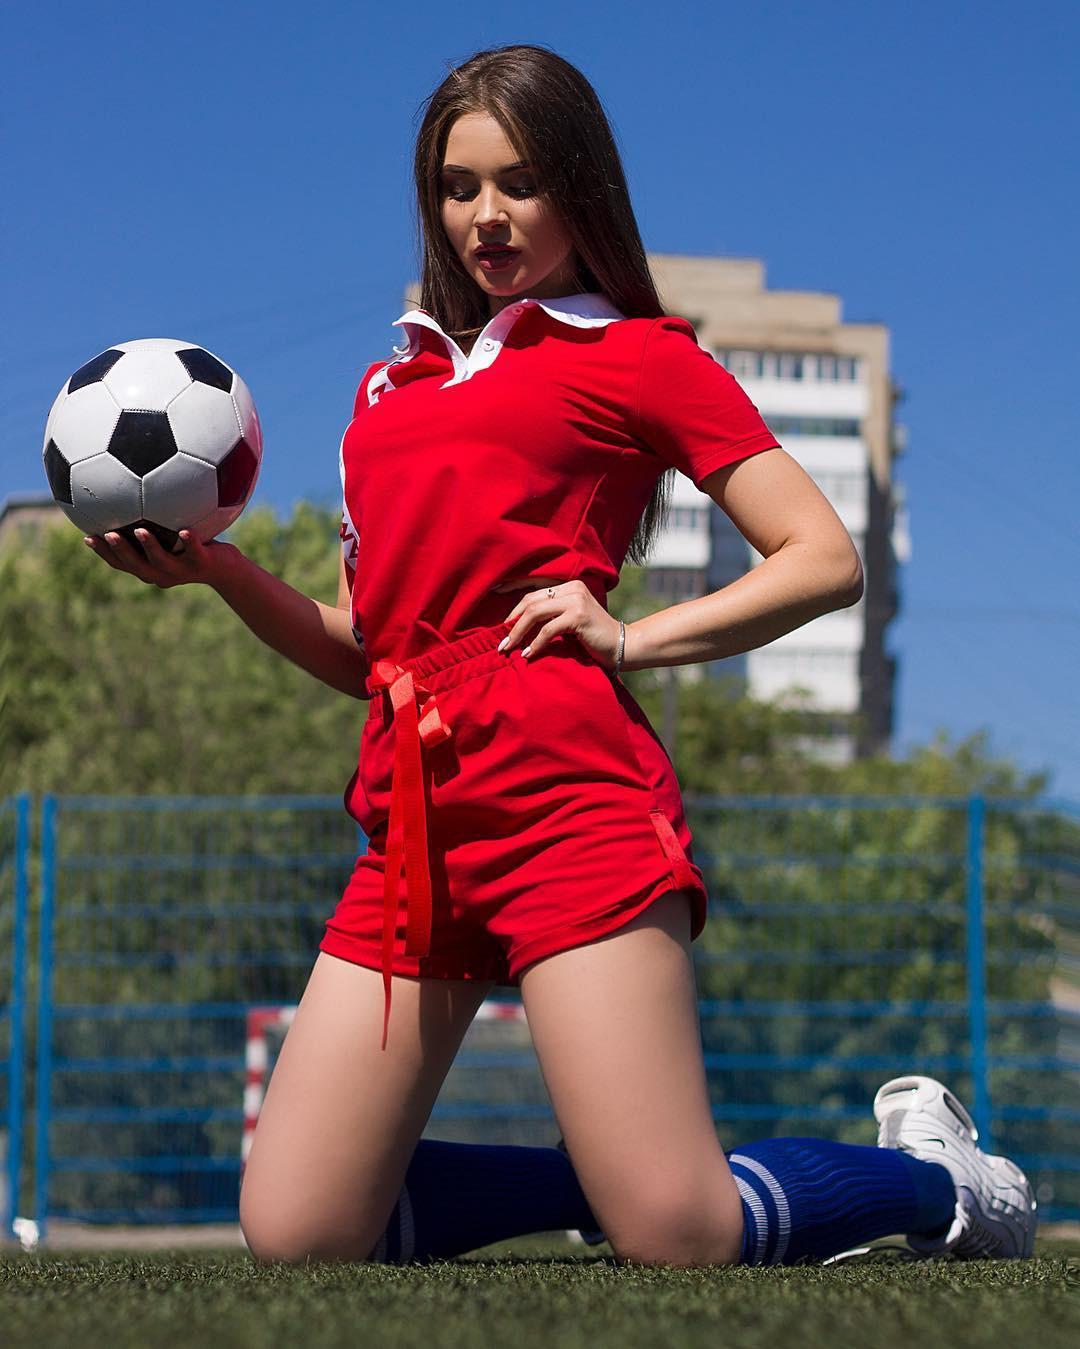 MXH Nga ngập tràn những cô nàng khoe dáng nóng bỏng chào mừng World Cup 2018 - Ảnh 7.